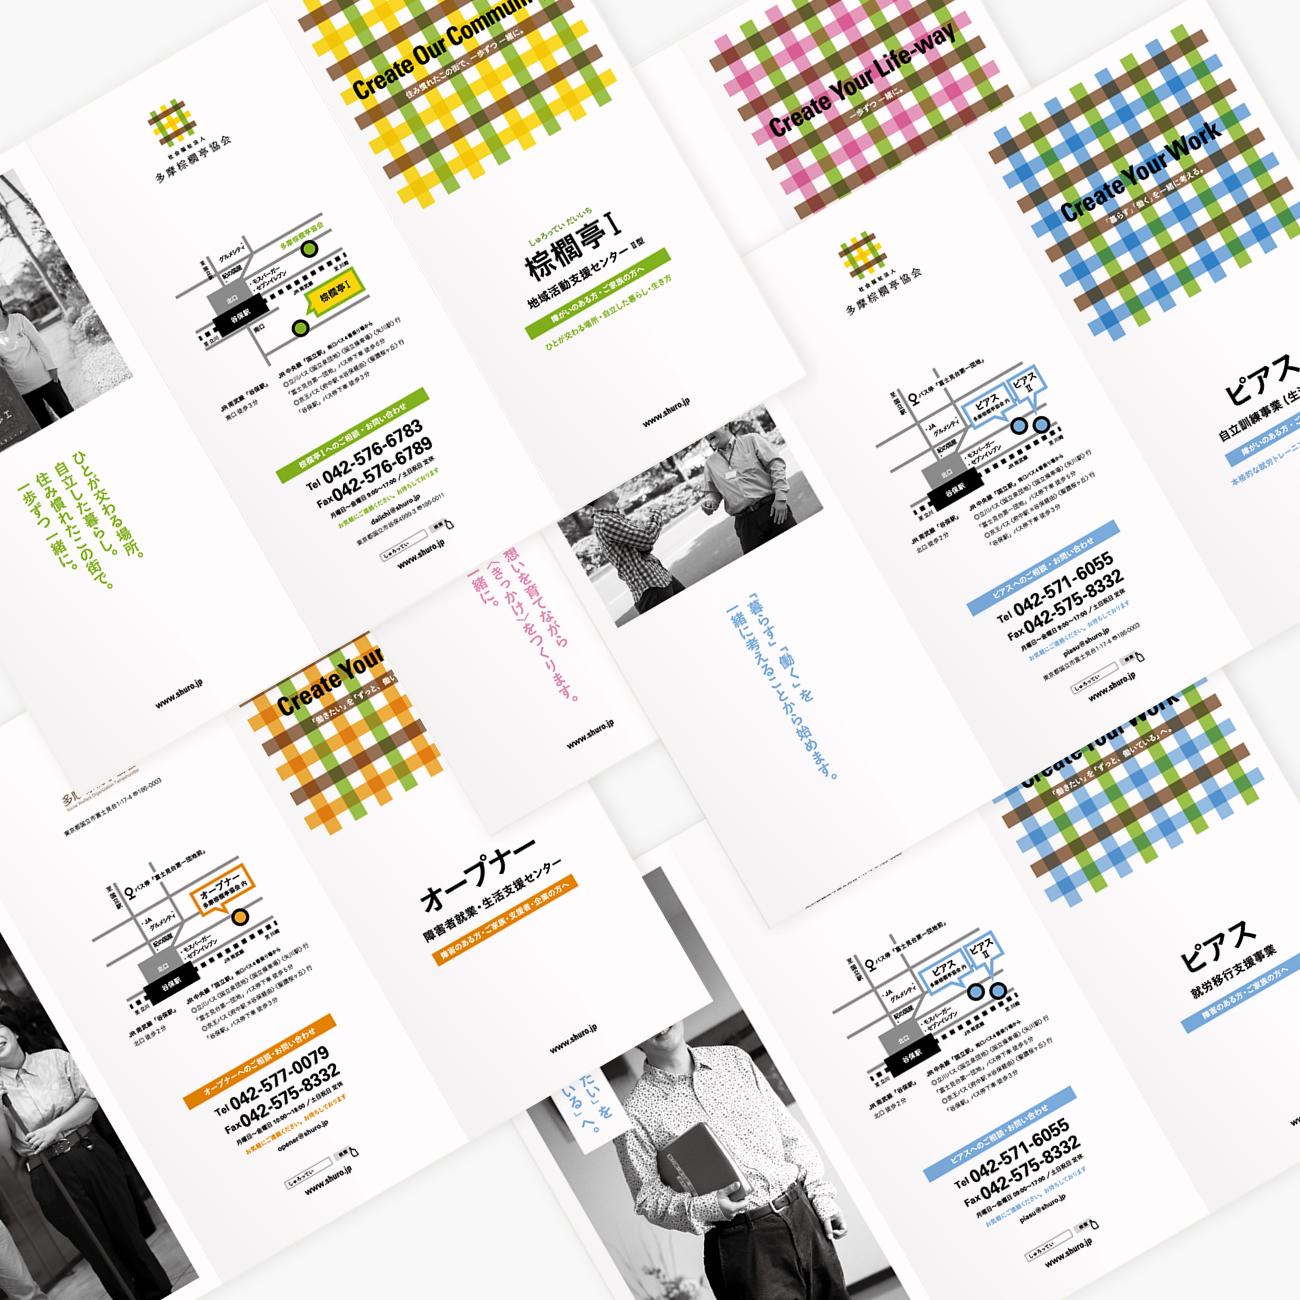 社会福祉法人 多摩棕櫚亭協会|精神障がい者支援 事業施設パンフレット|CIロゴデザイン グラフィックデザイン 写真 コピー ブランドデザイン|東京都国立市